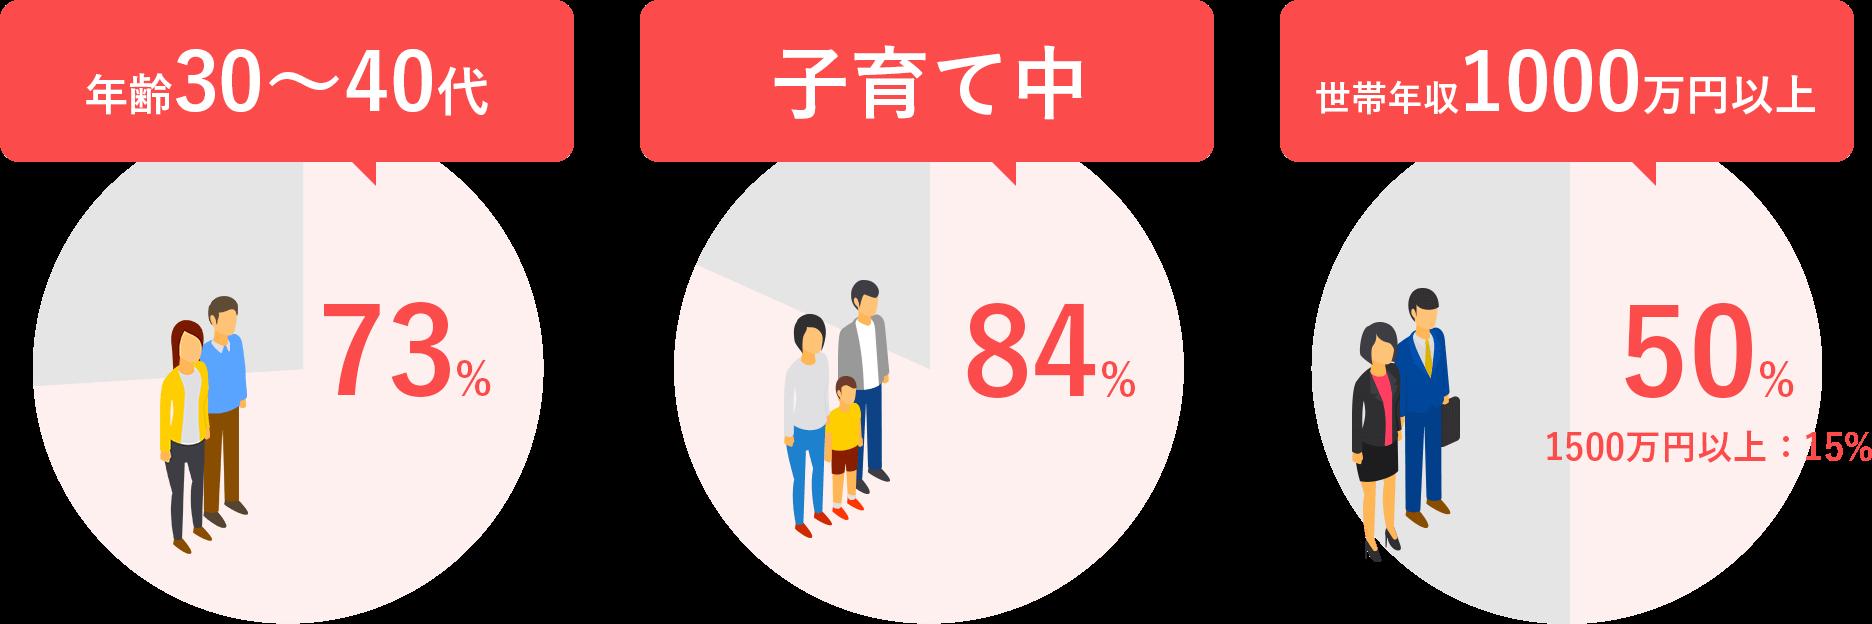 30~40代 73%、子育て中 84%、世帯年収1000万円以上 50%